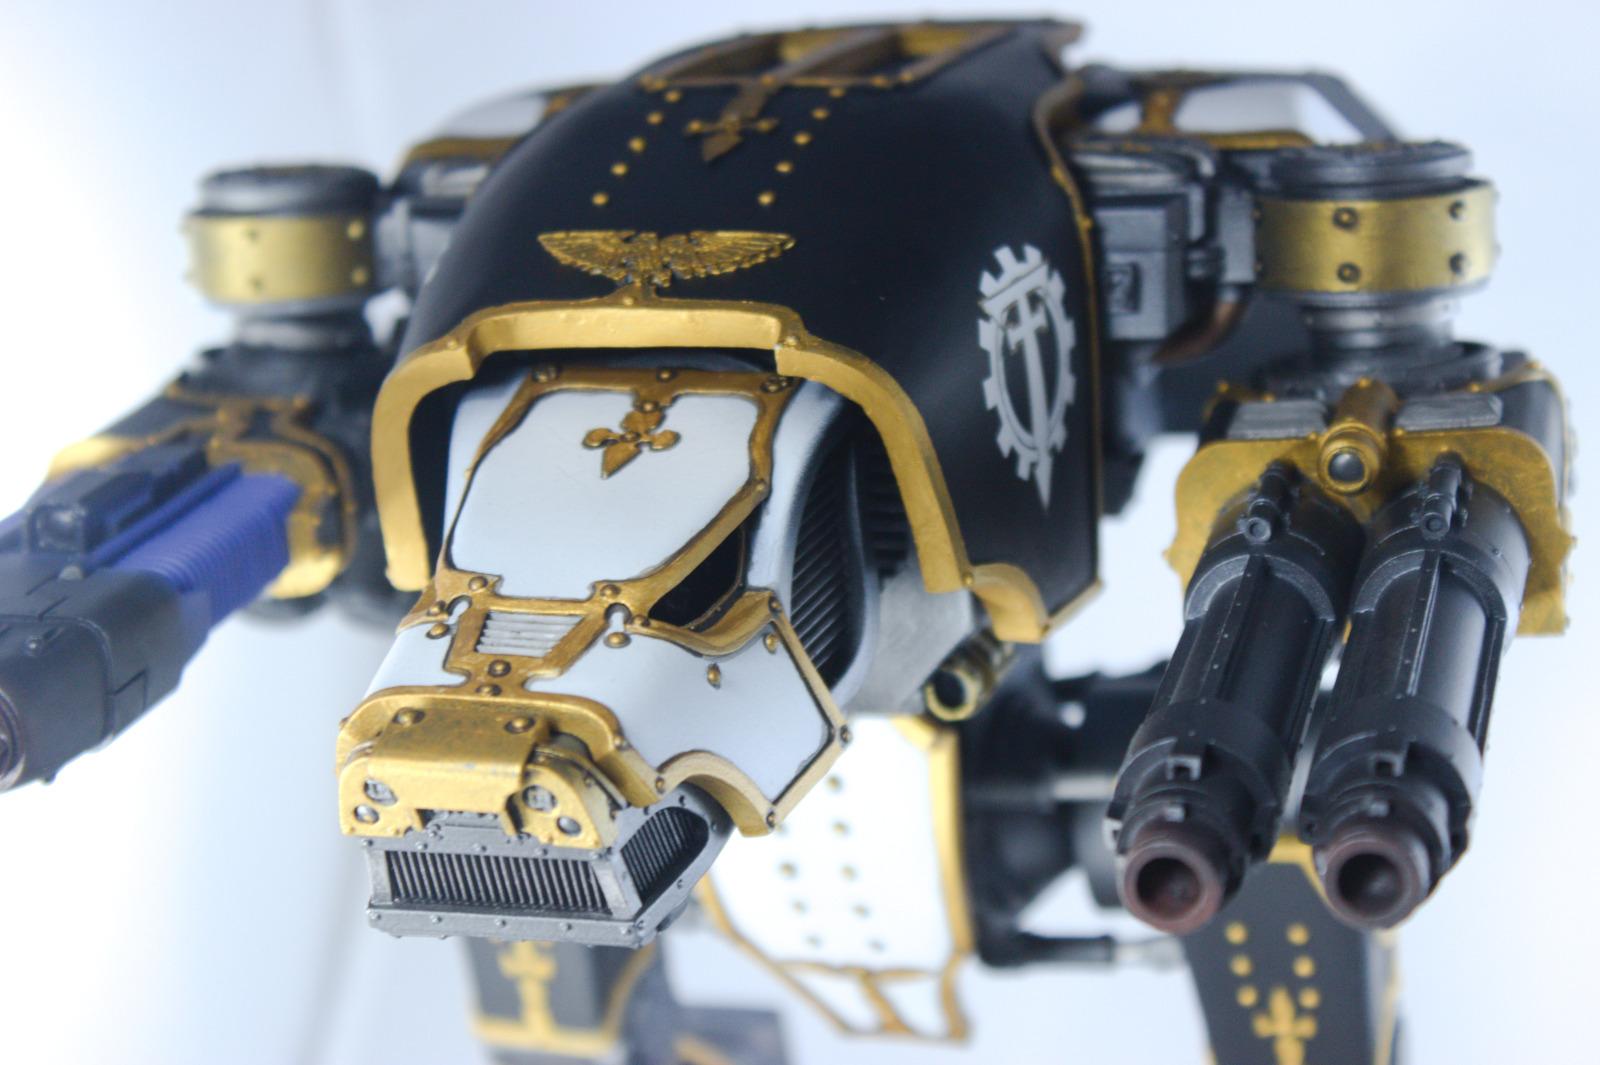 Warhammer 40k Warhound Titan Legio Crucius